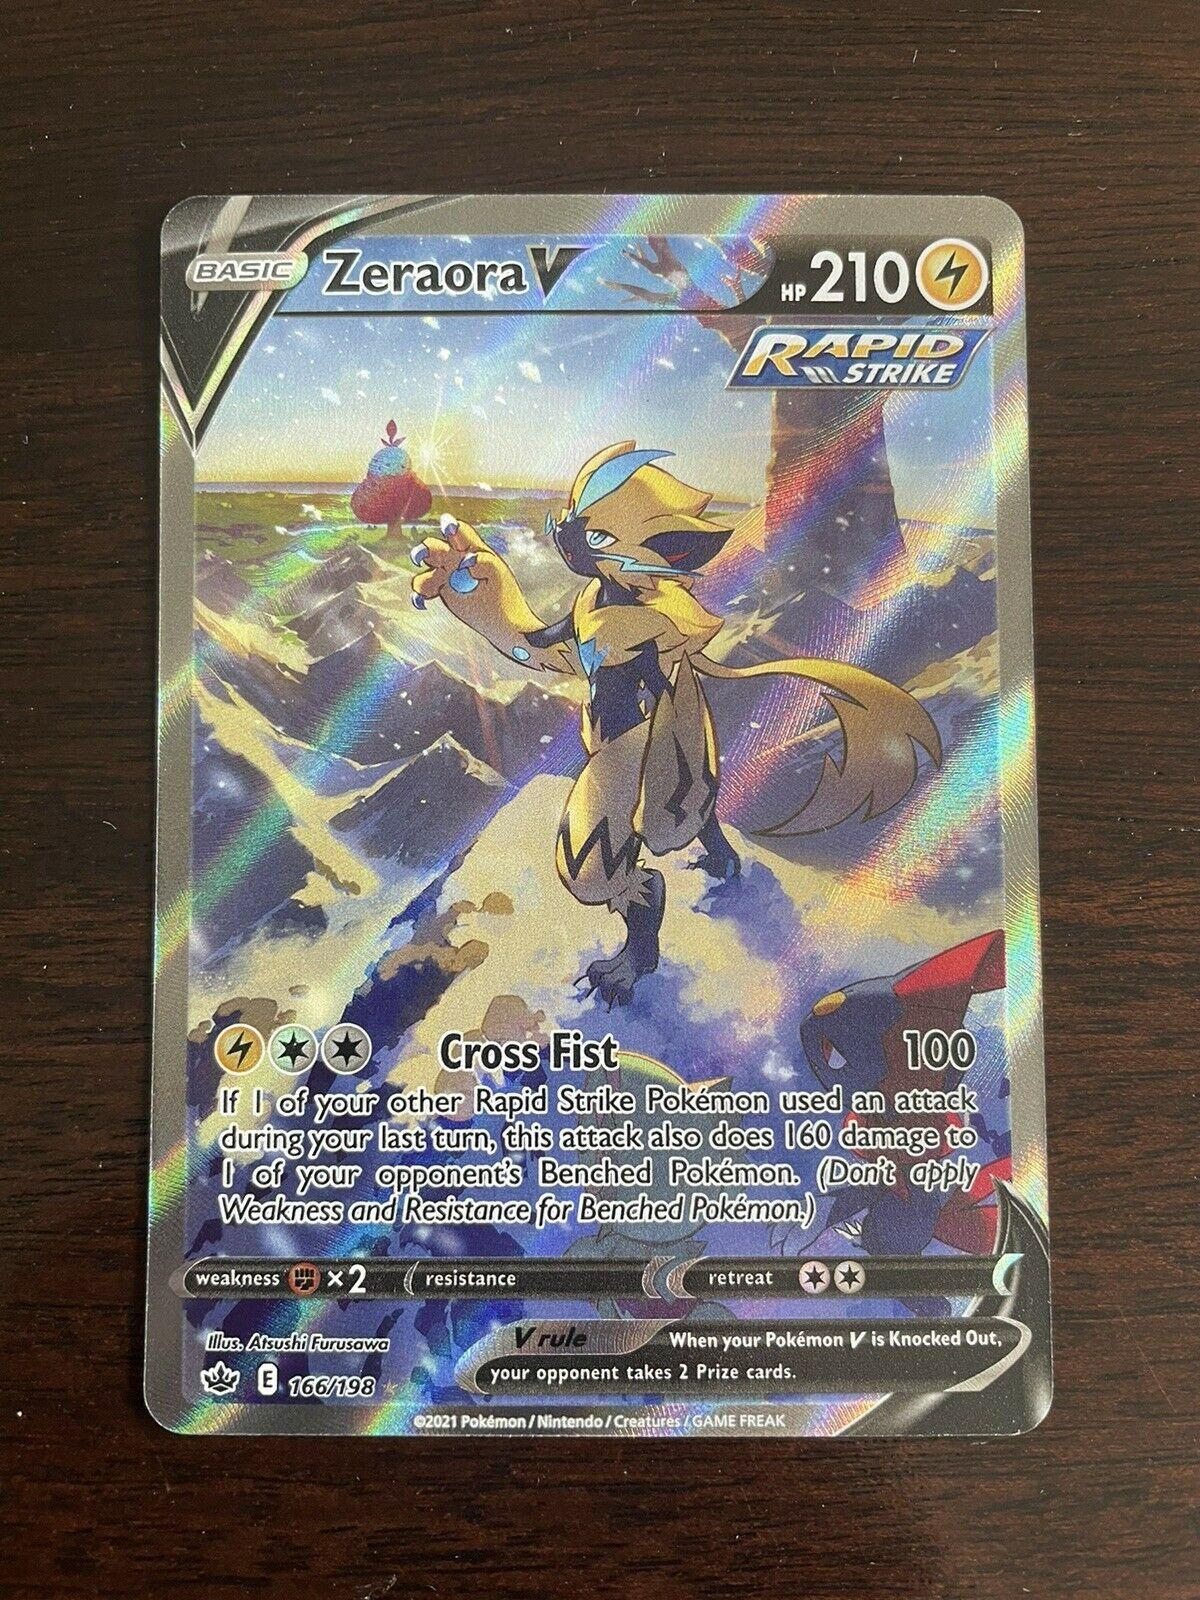 Zeraora V Alternate Full Art 166/198 - Pokemon Chilling Reign - Mint Condition